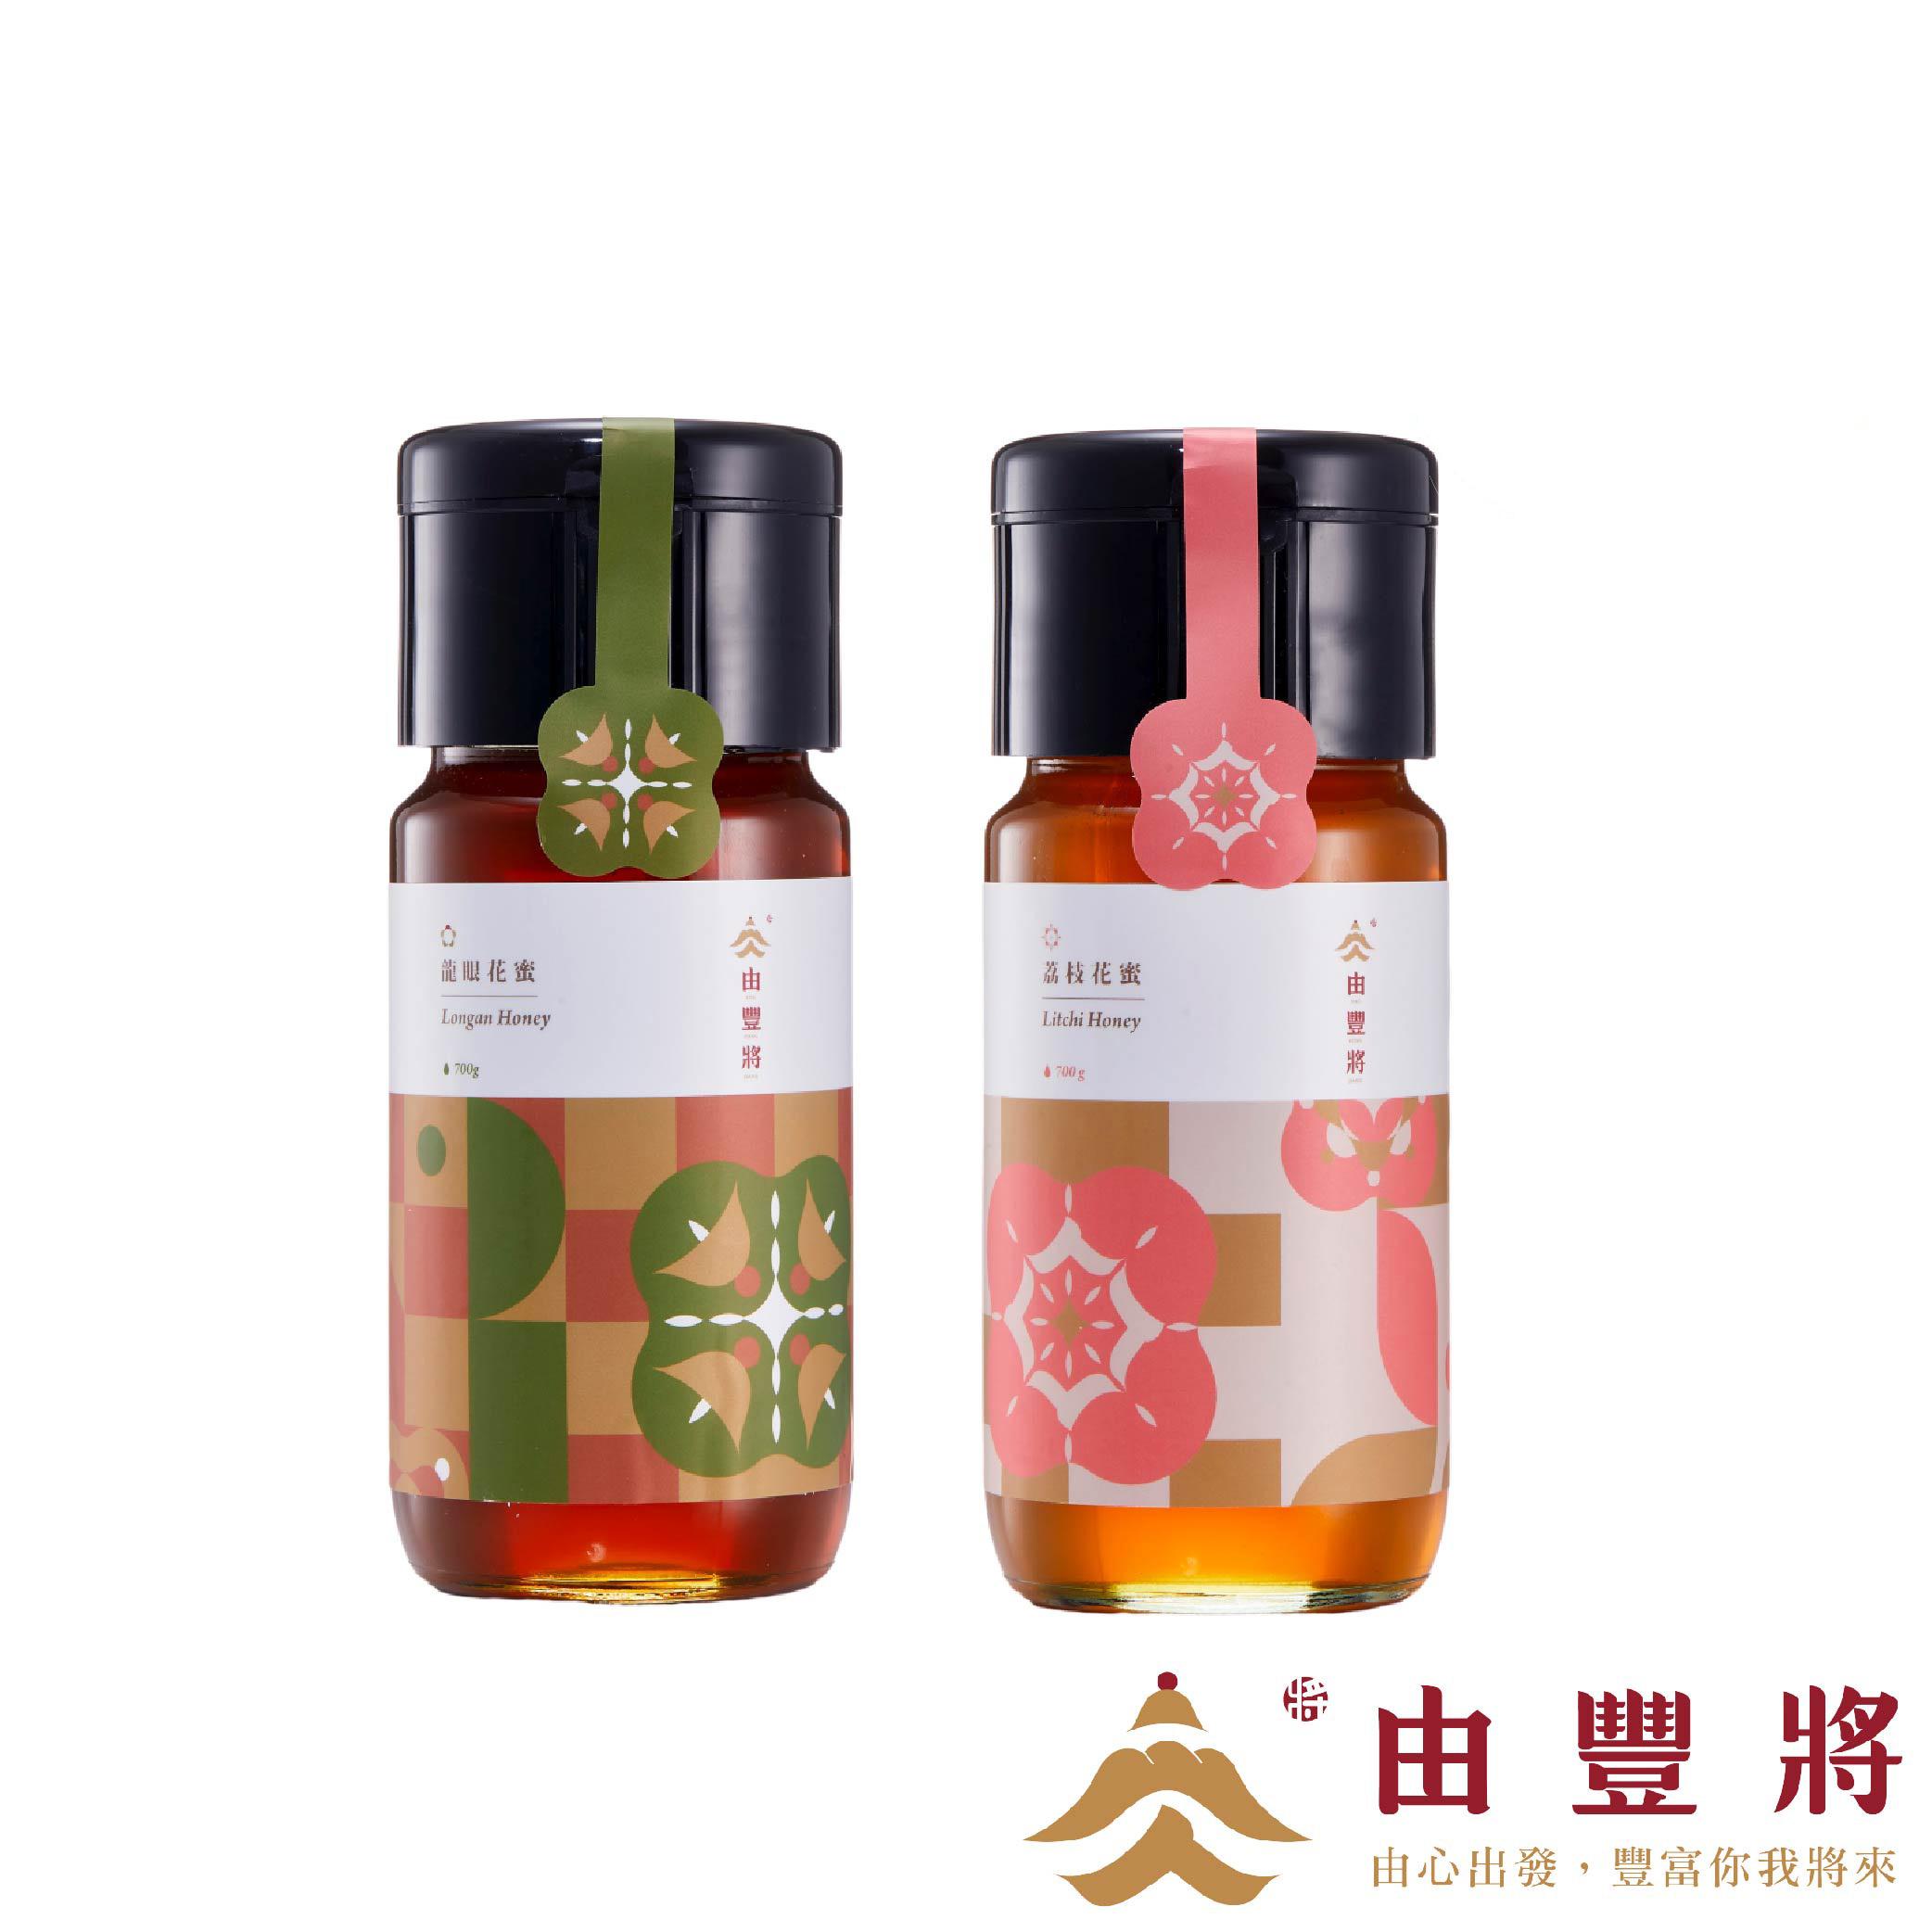 【由豐將】精選蜂蜜700g (龍眼蜂蜜/荔枝蜂蜜)